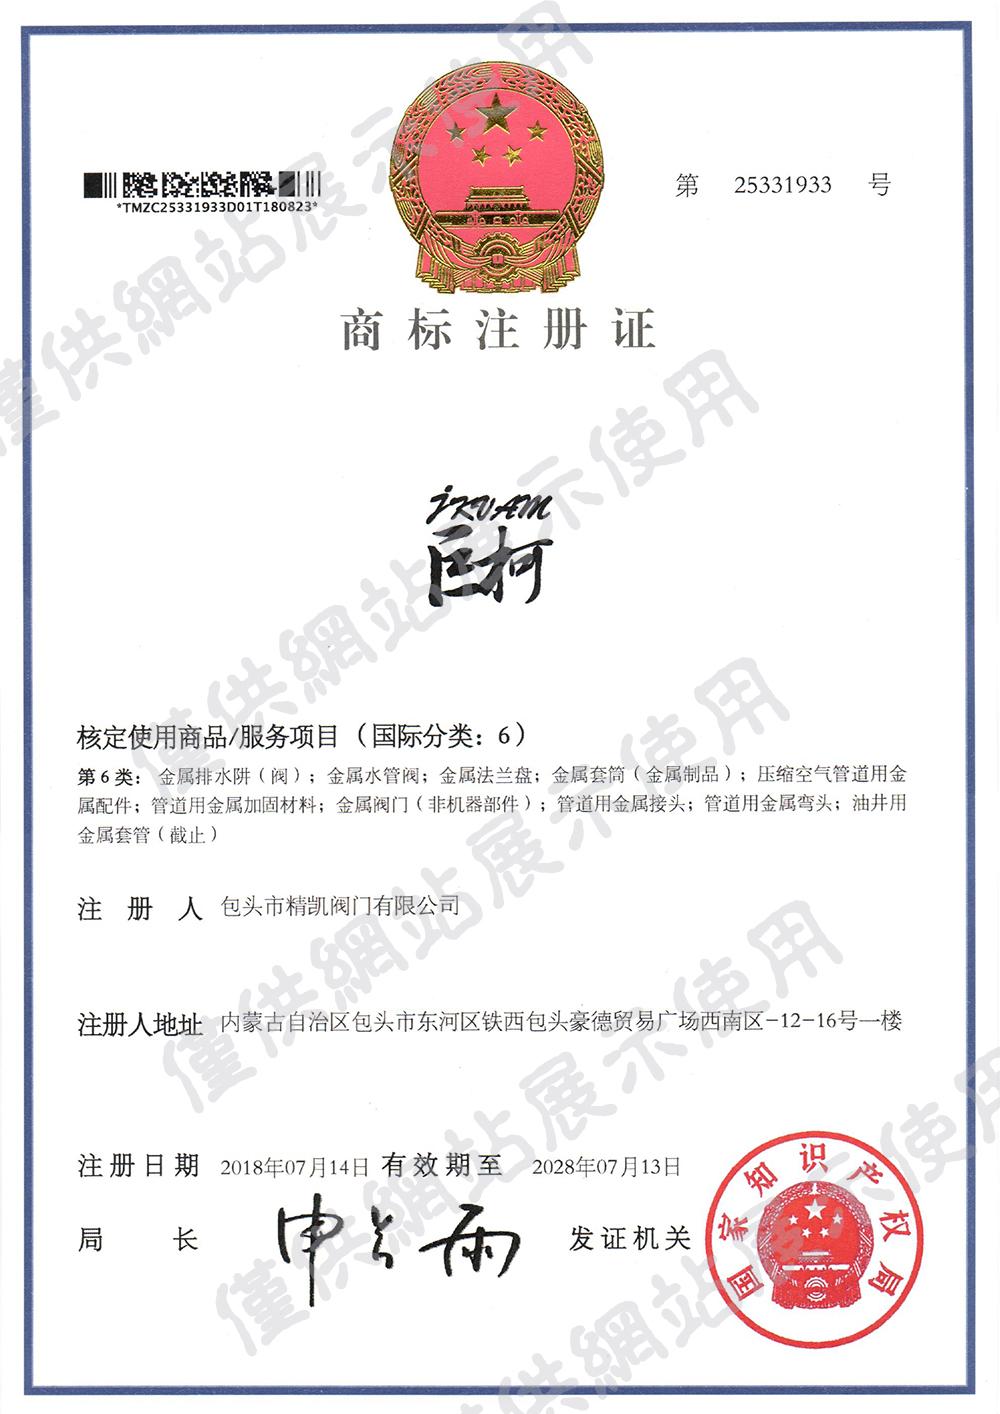 精凯商标注册证.jpg